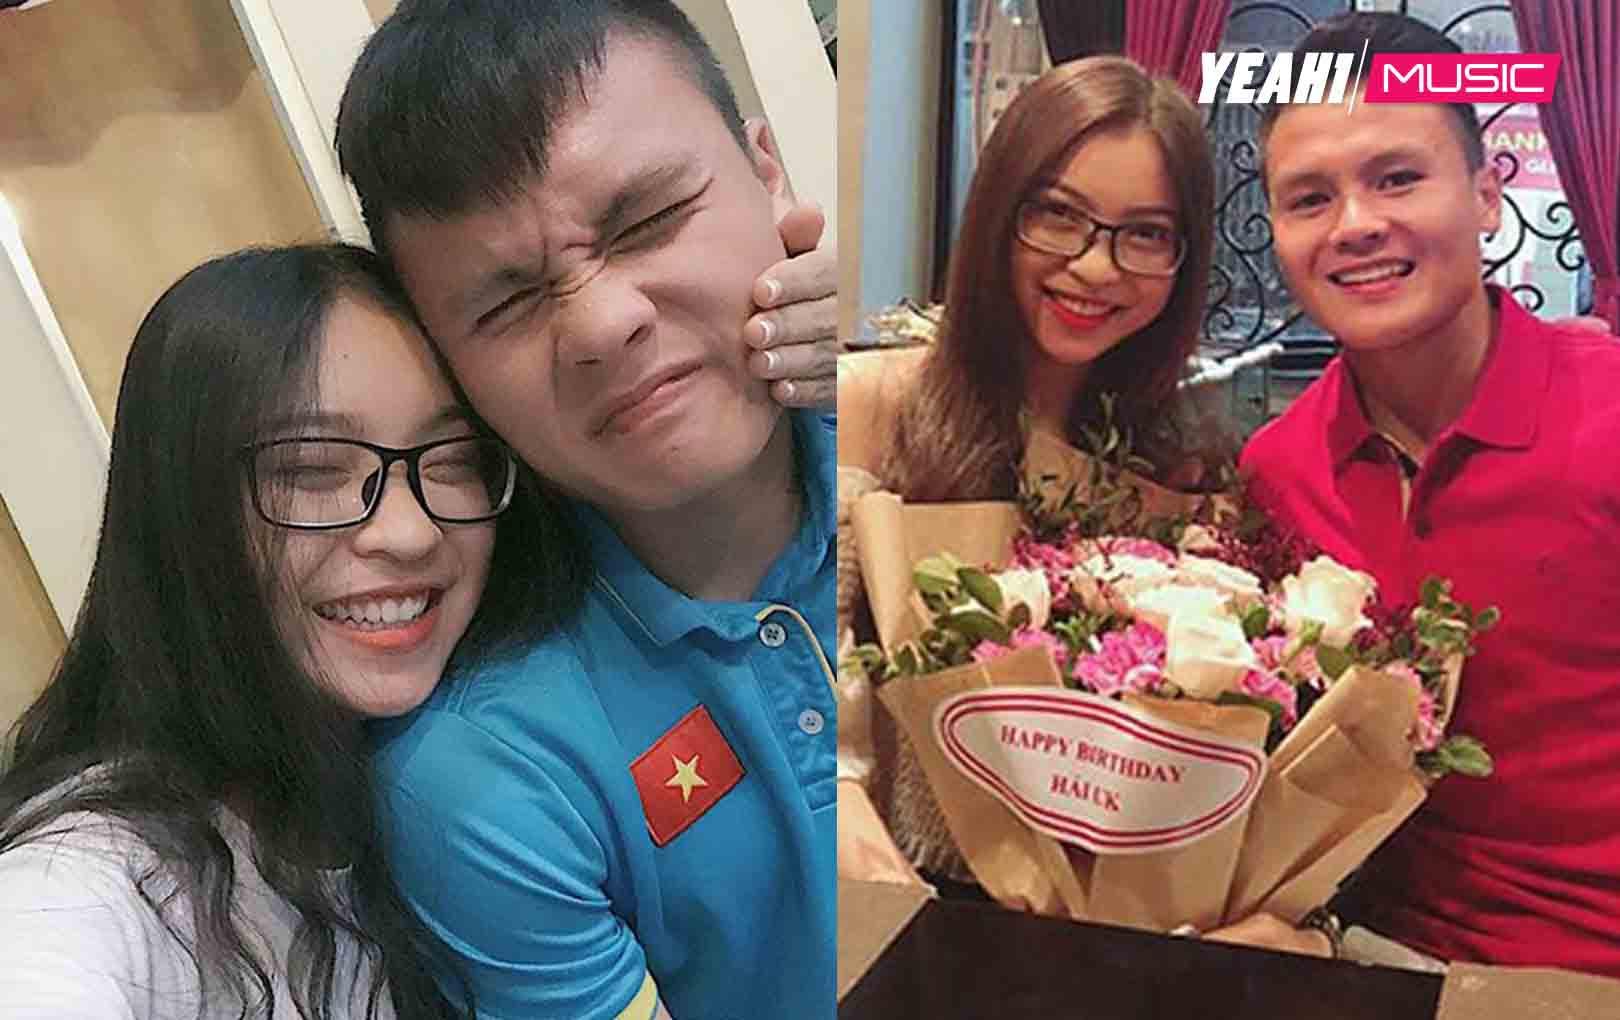 Đúng Valentine, Nhật Lê 'nổi lửa' dân mạng khi chia sẻ tình yêu với một người đàn ông nhưng không phải là Quang Hải